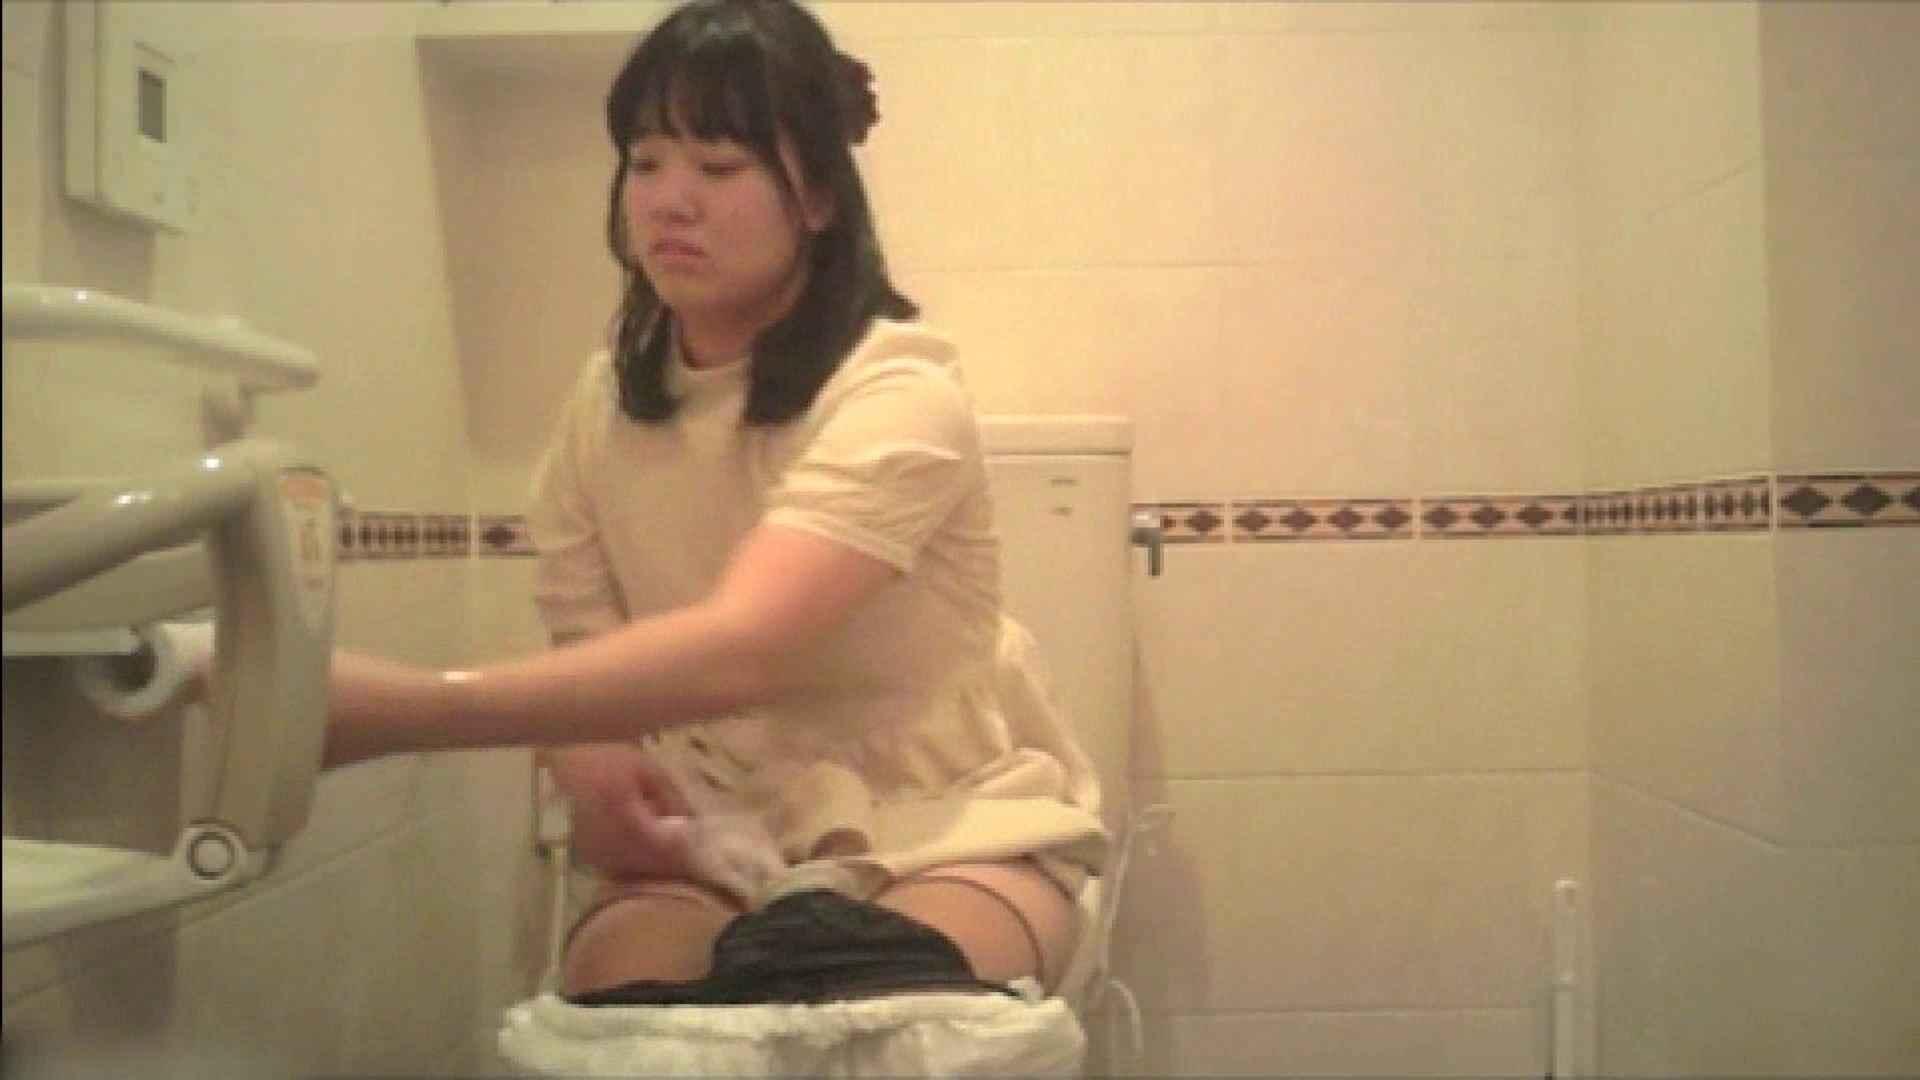 実録!!綺麗なお姉さんのトイレ事情・・・。vol.18 OLの実態  70pic 21